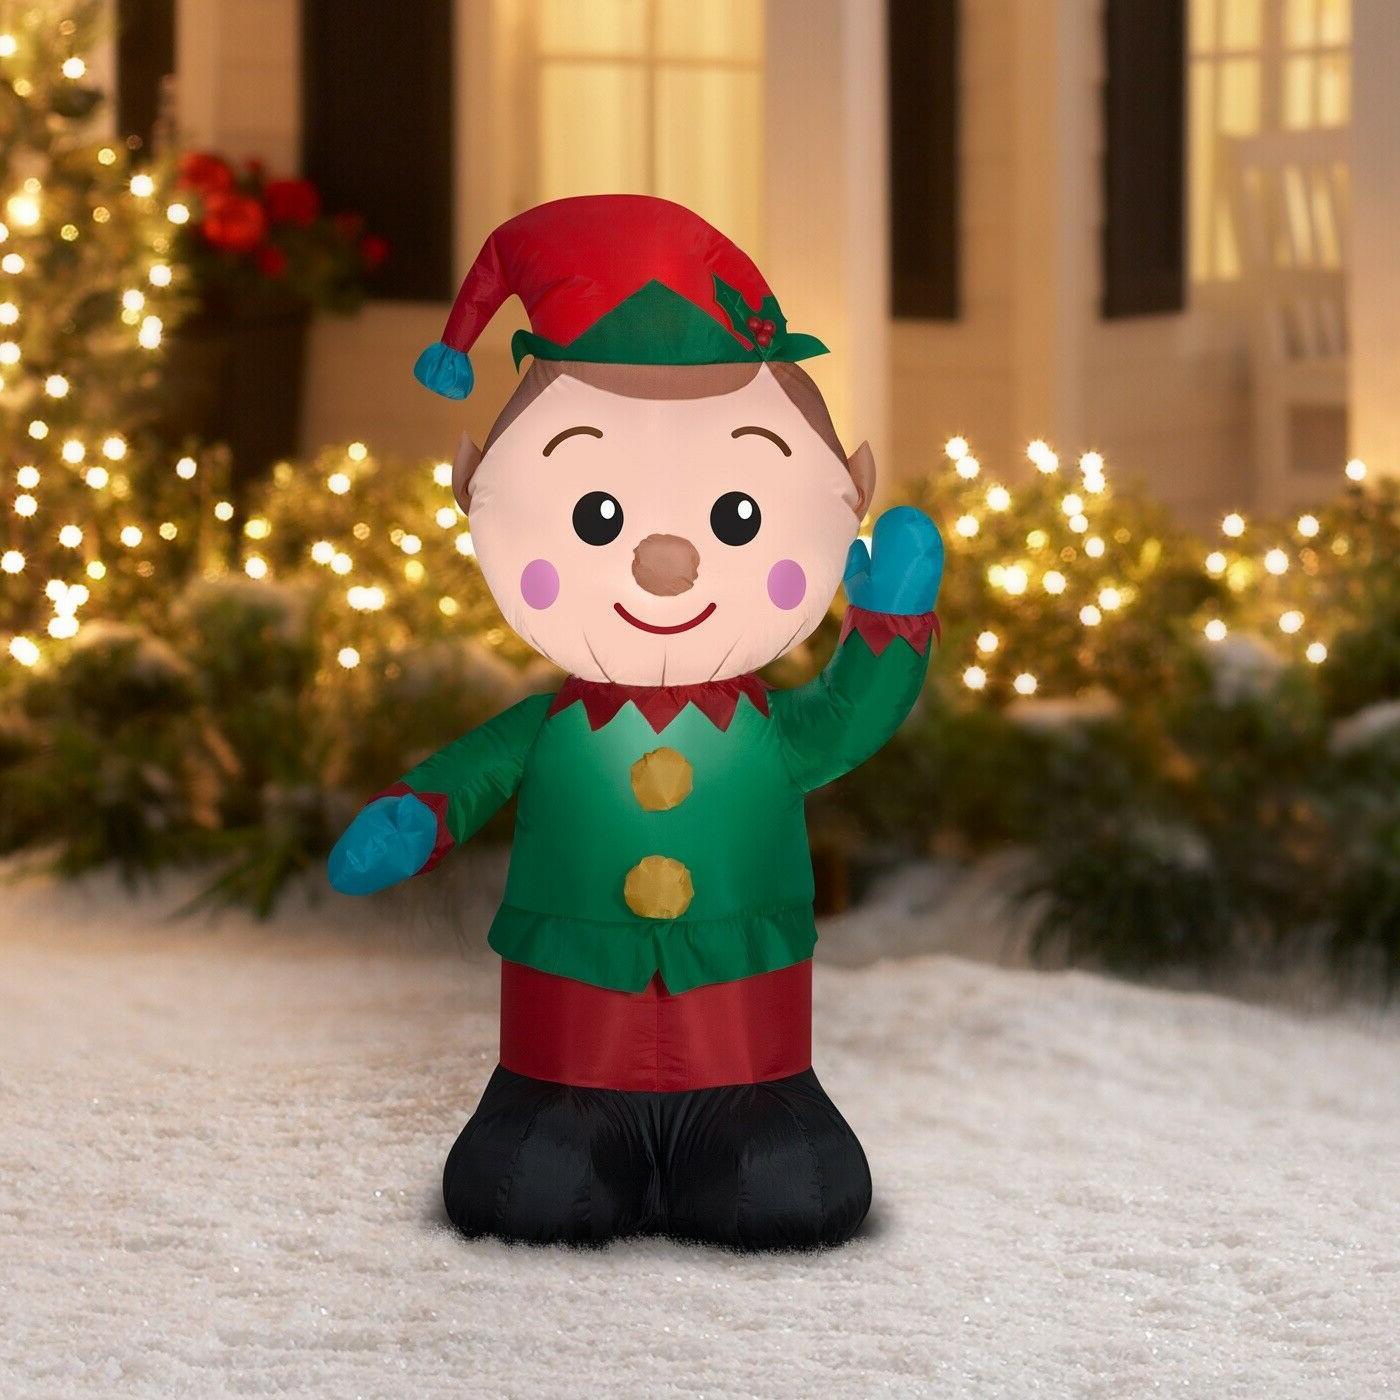 Holiday Time Waving Inflatable Elf 4 Feet Christmas Lights O